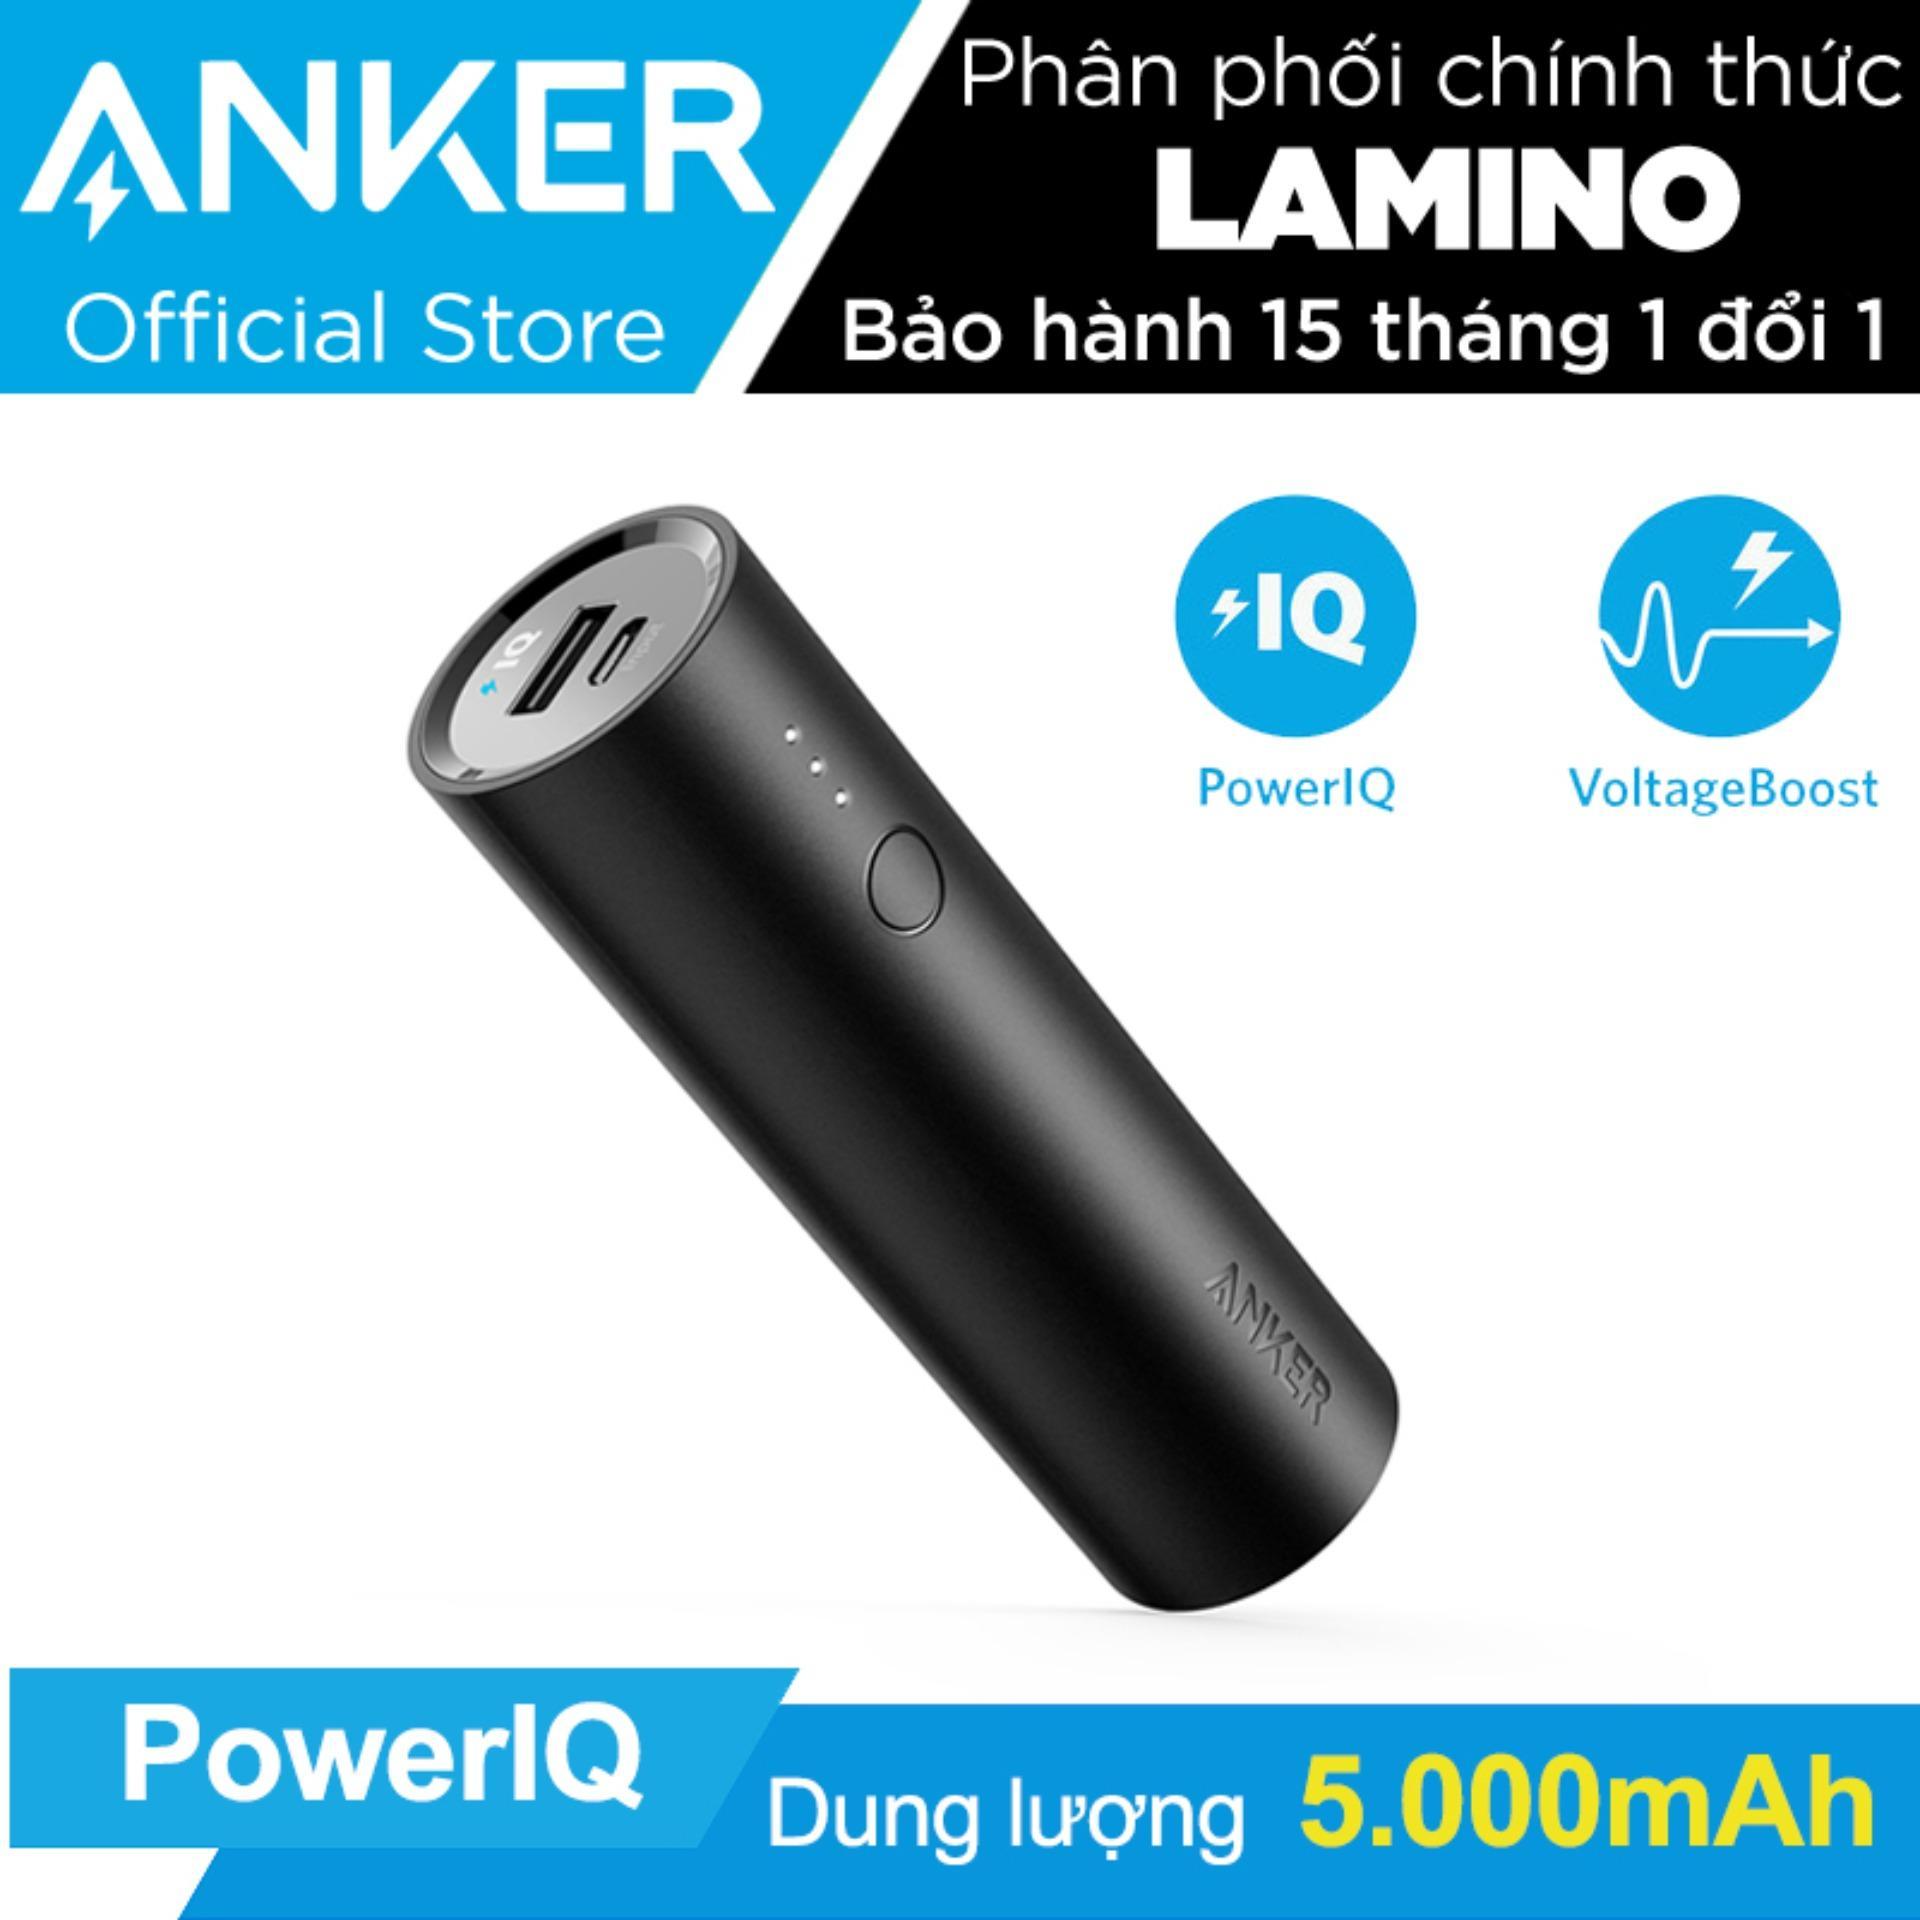 Bán Pin Sạc Dự Phong Anker Powercore 5000Mah Hang Phan Phối Chinh Thức Có Thương Hiệu